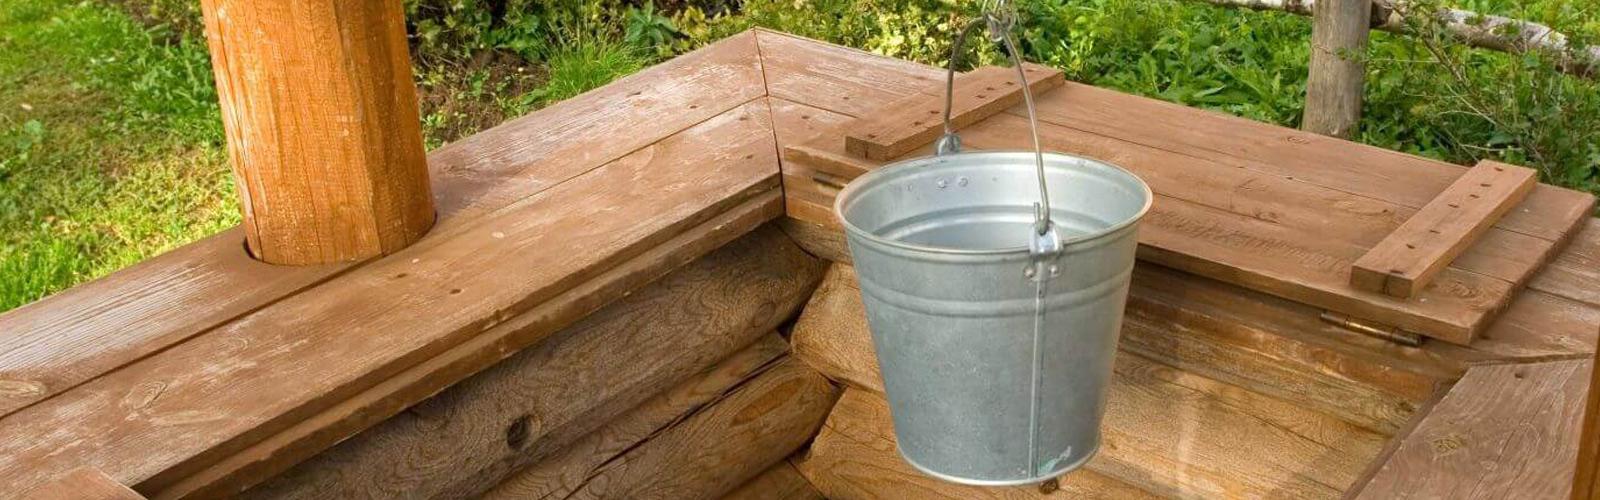 Недорого быстро Выкопать колодец под воду на участке в Московской области дачи